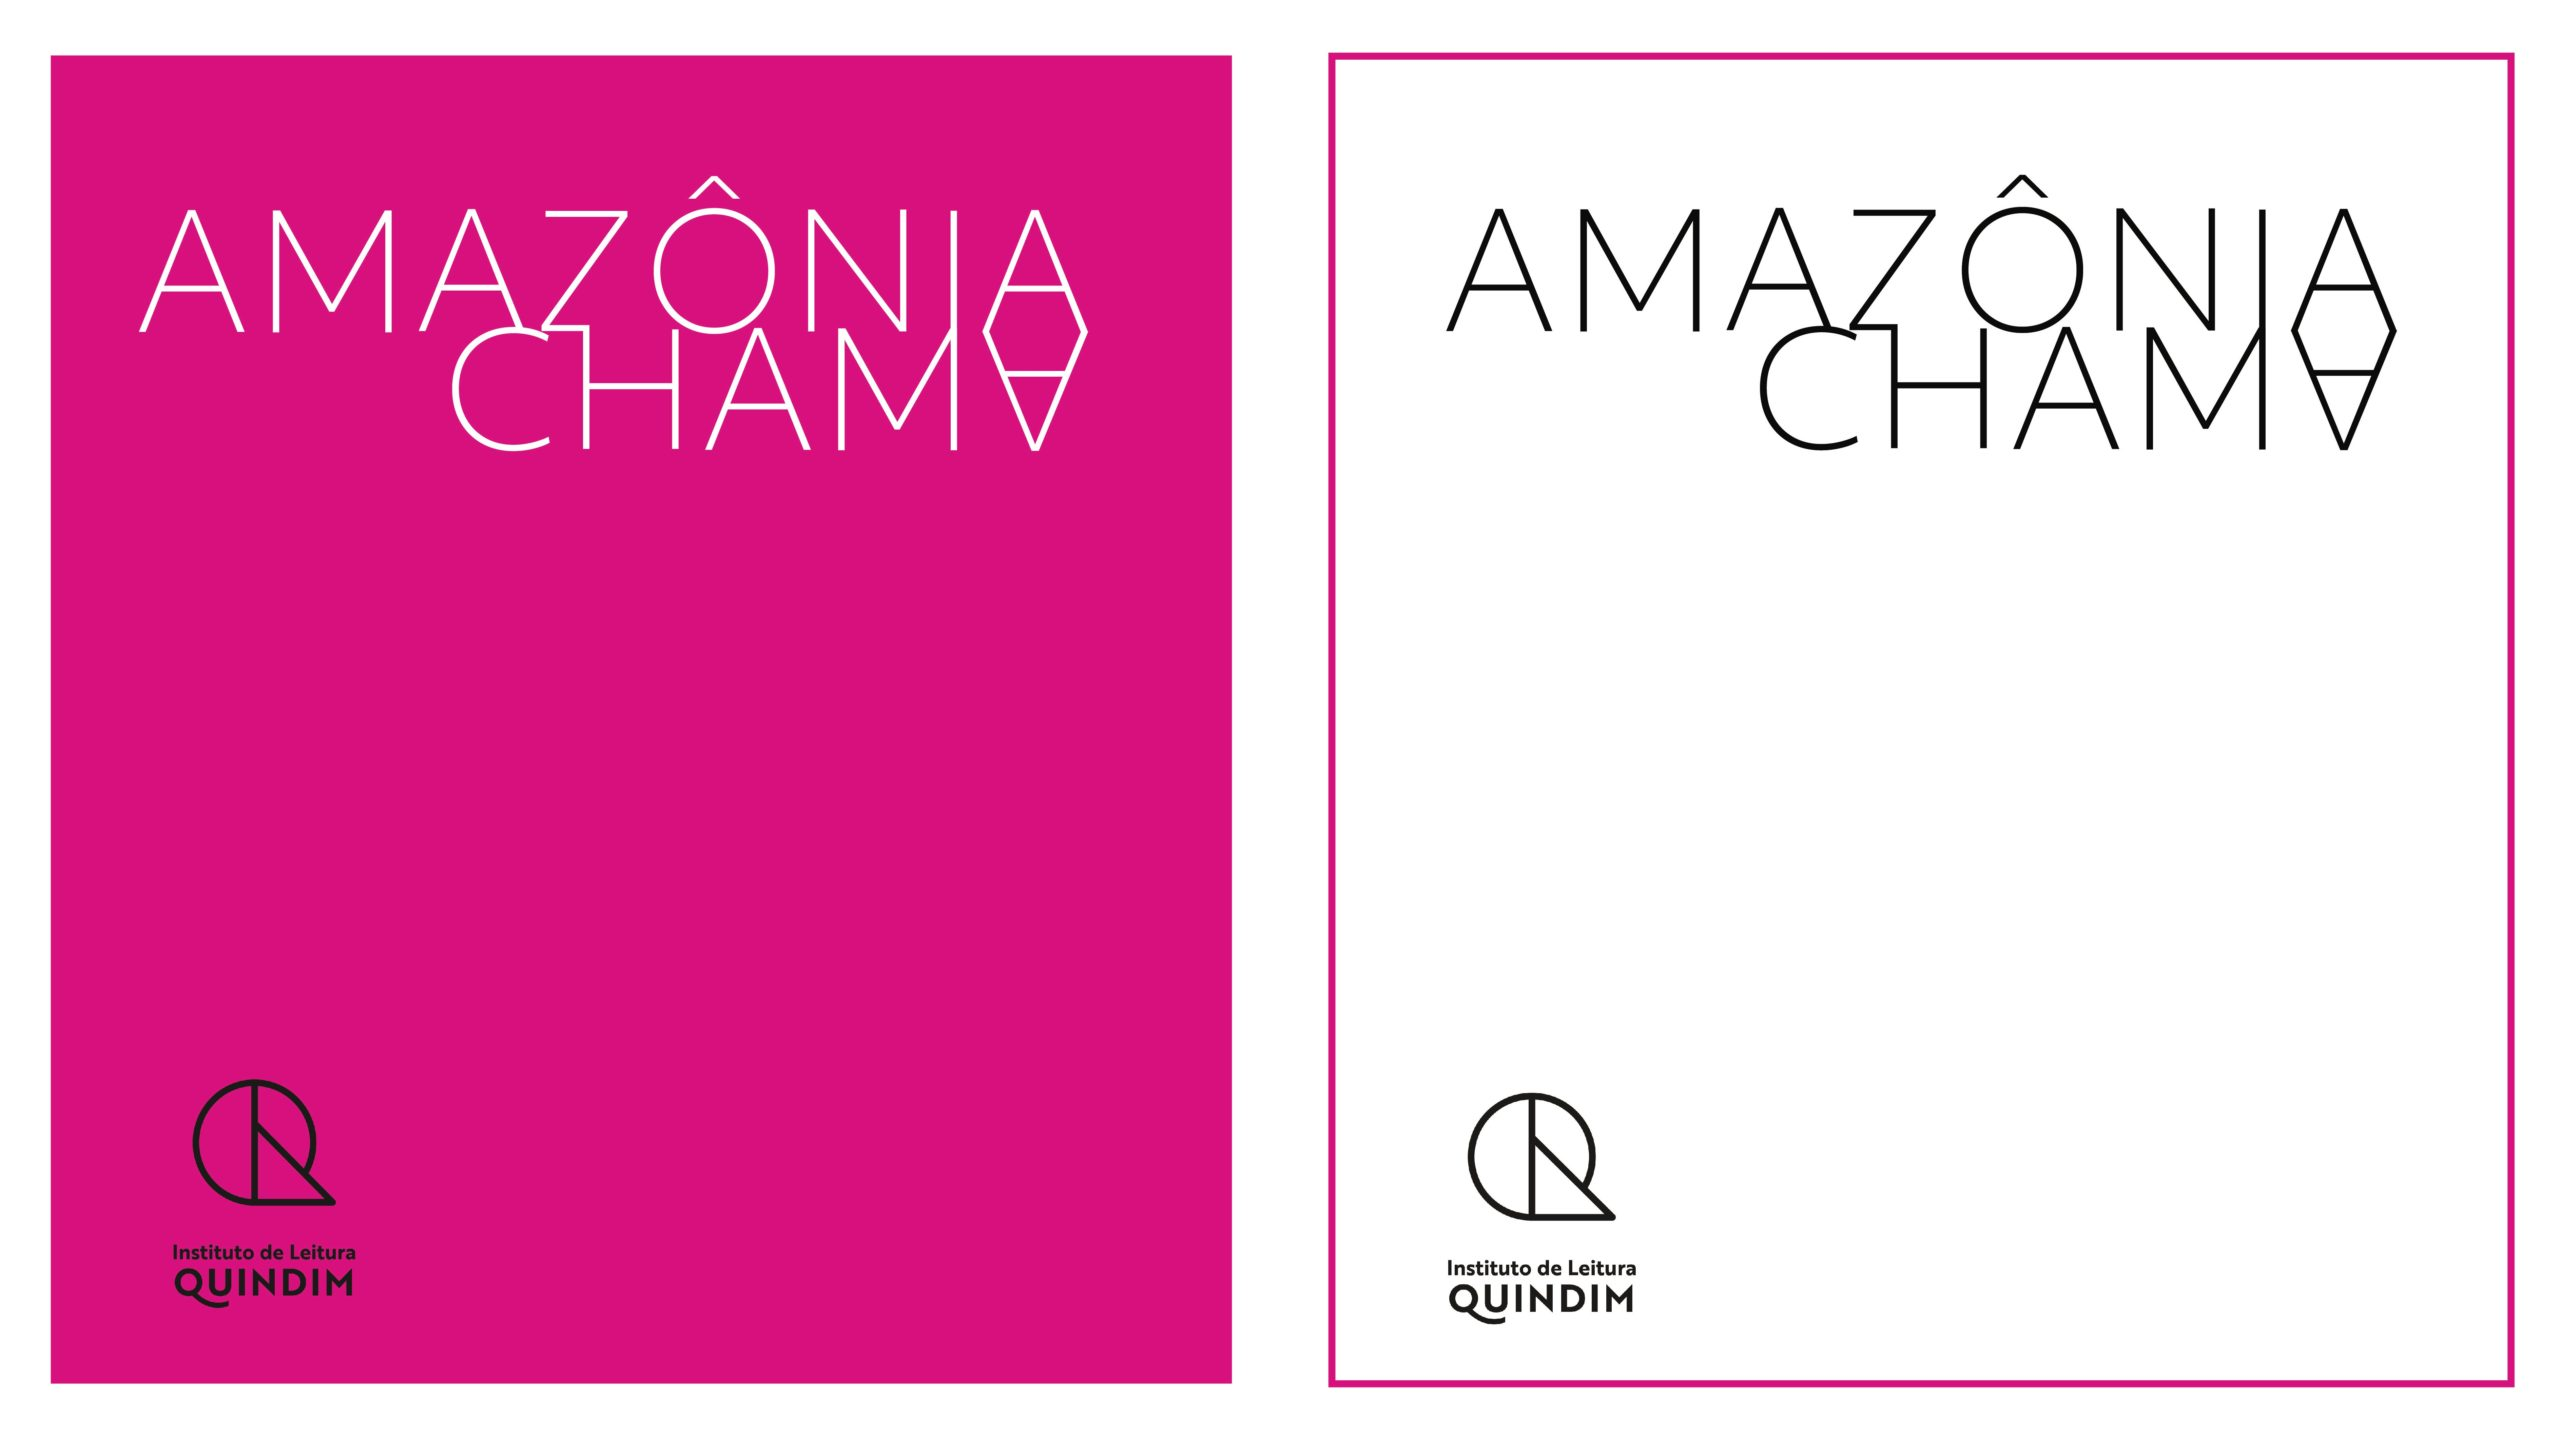 Instituto de Leitura Quindim lança o projeto Amazônia Chama